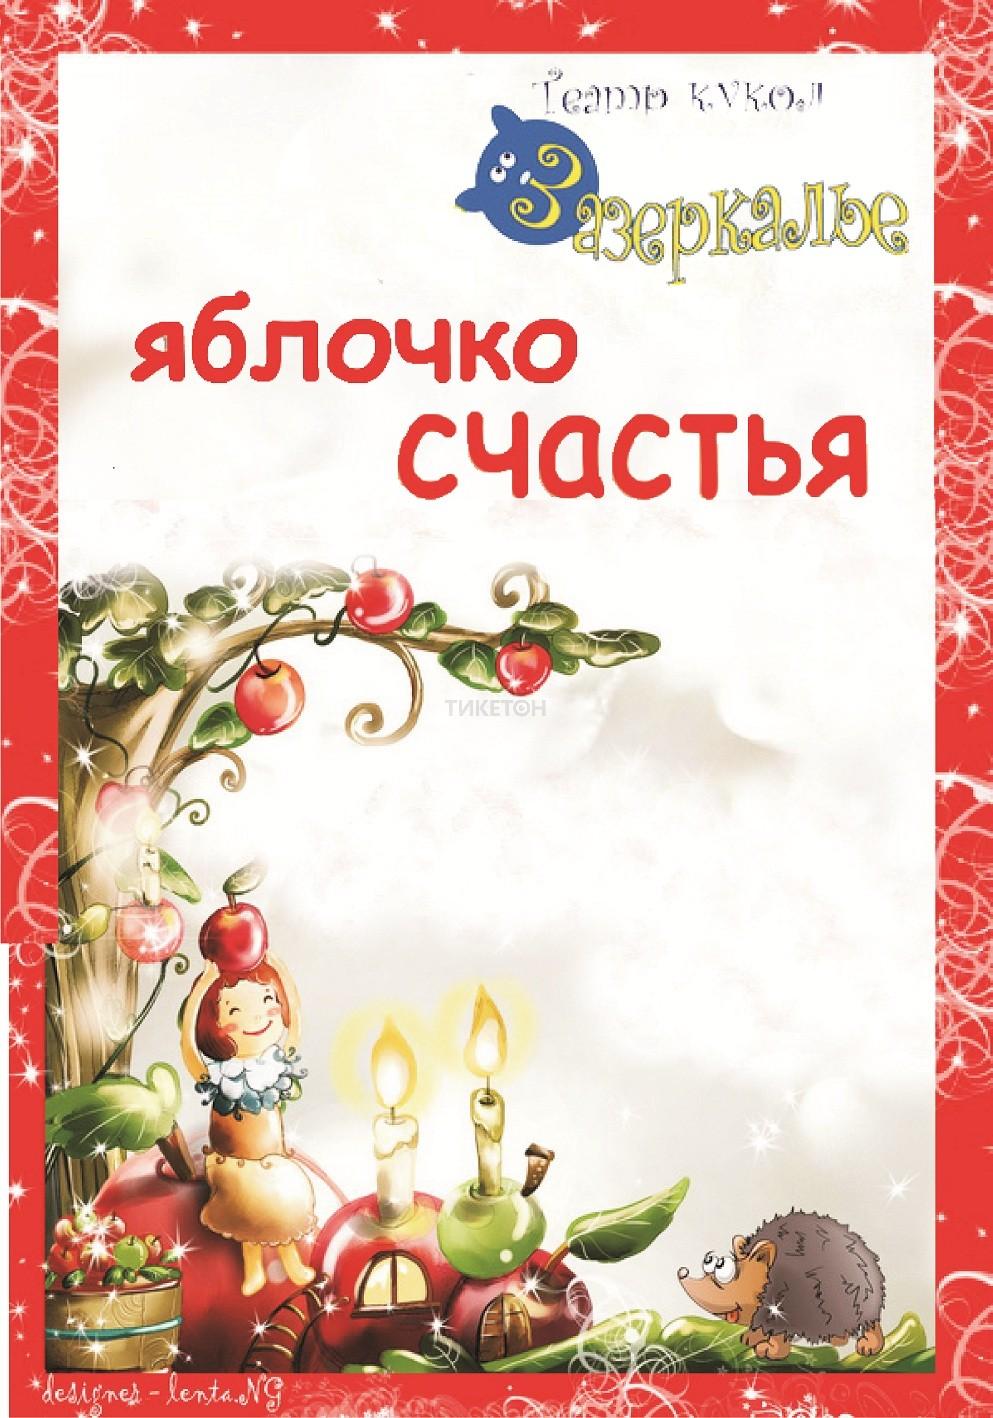 Яблочко счастья (театр Зазеркалье)